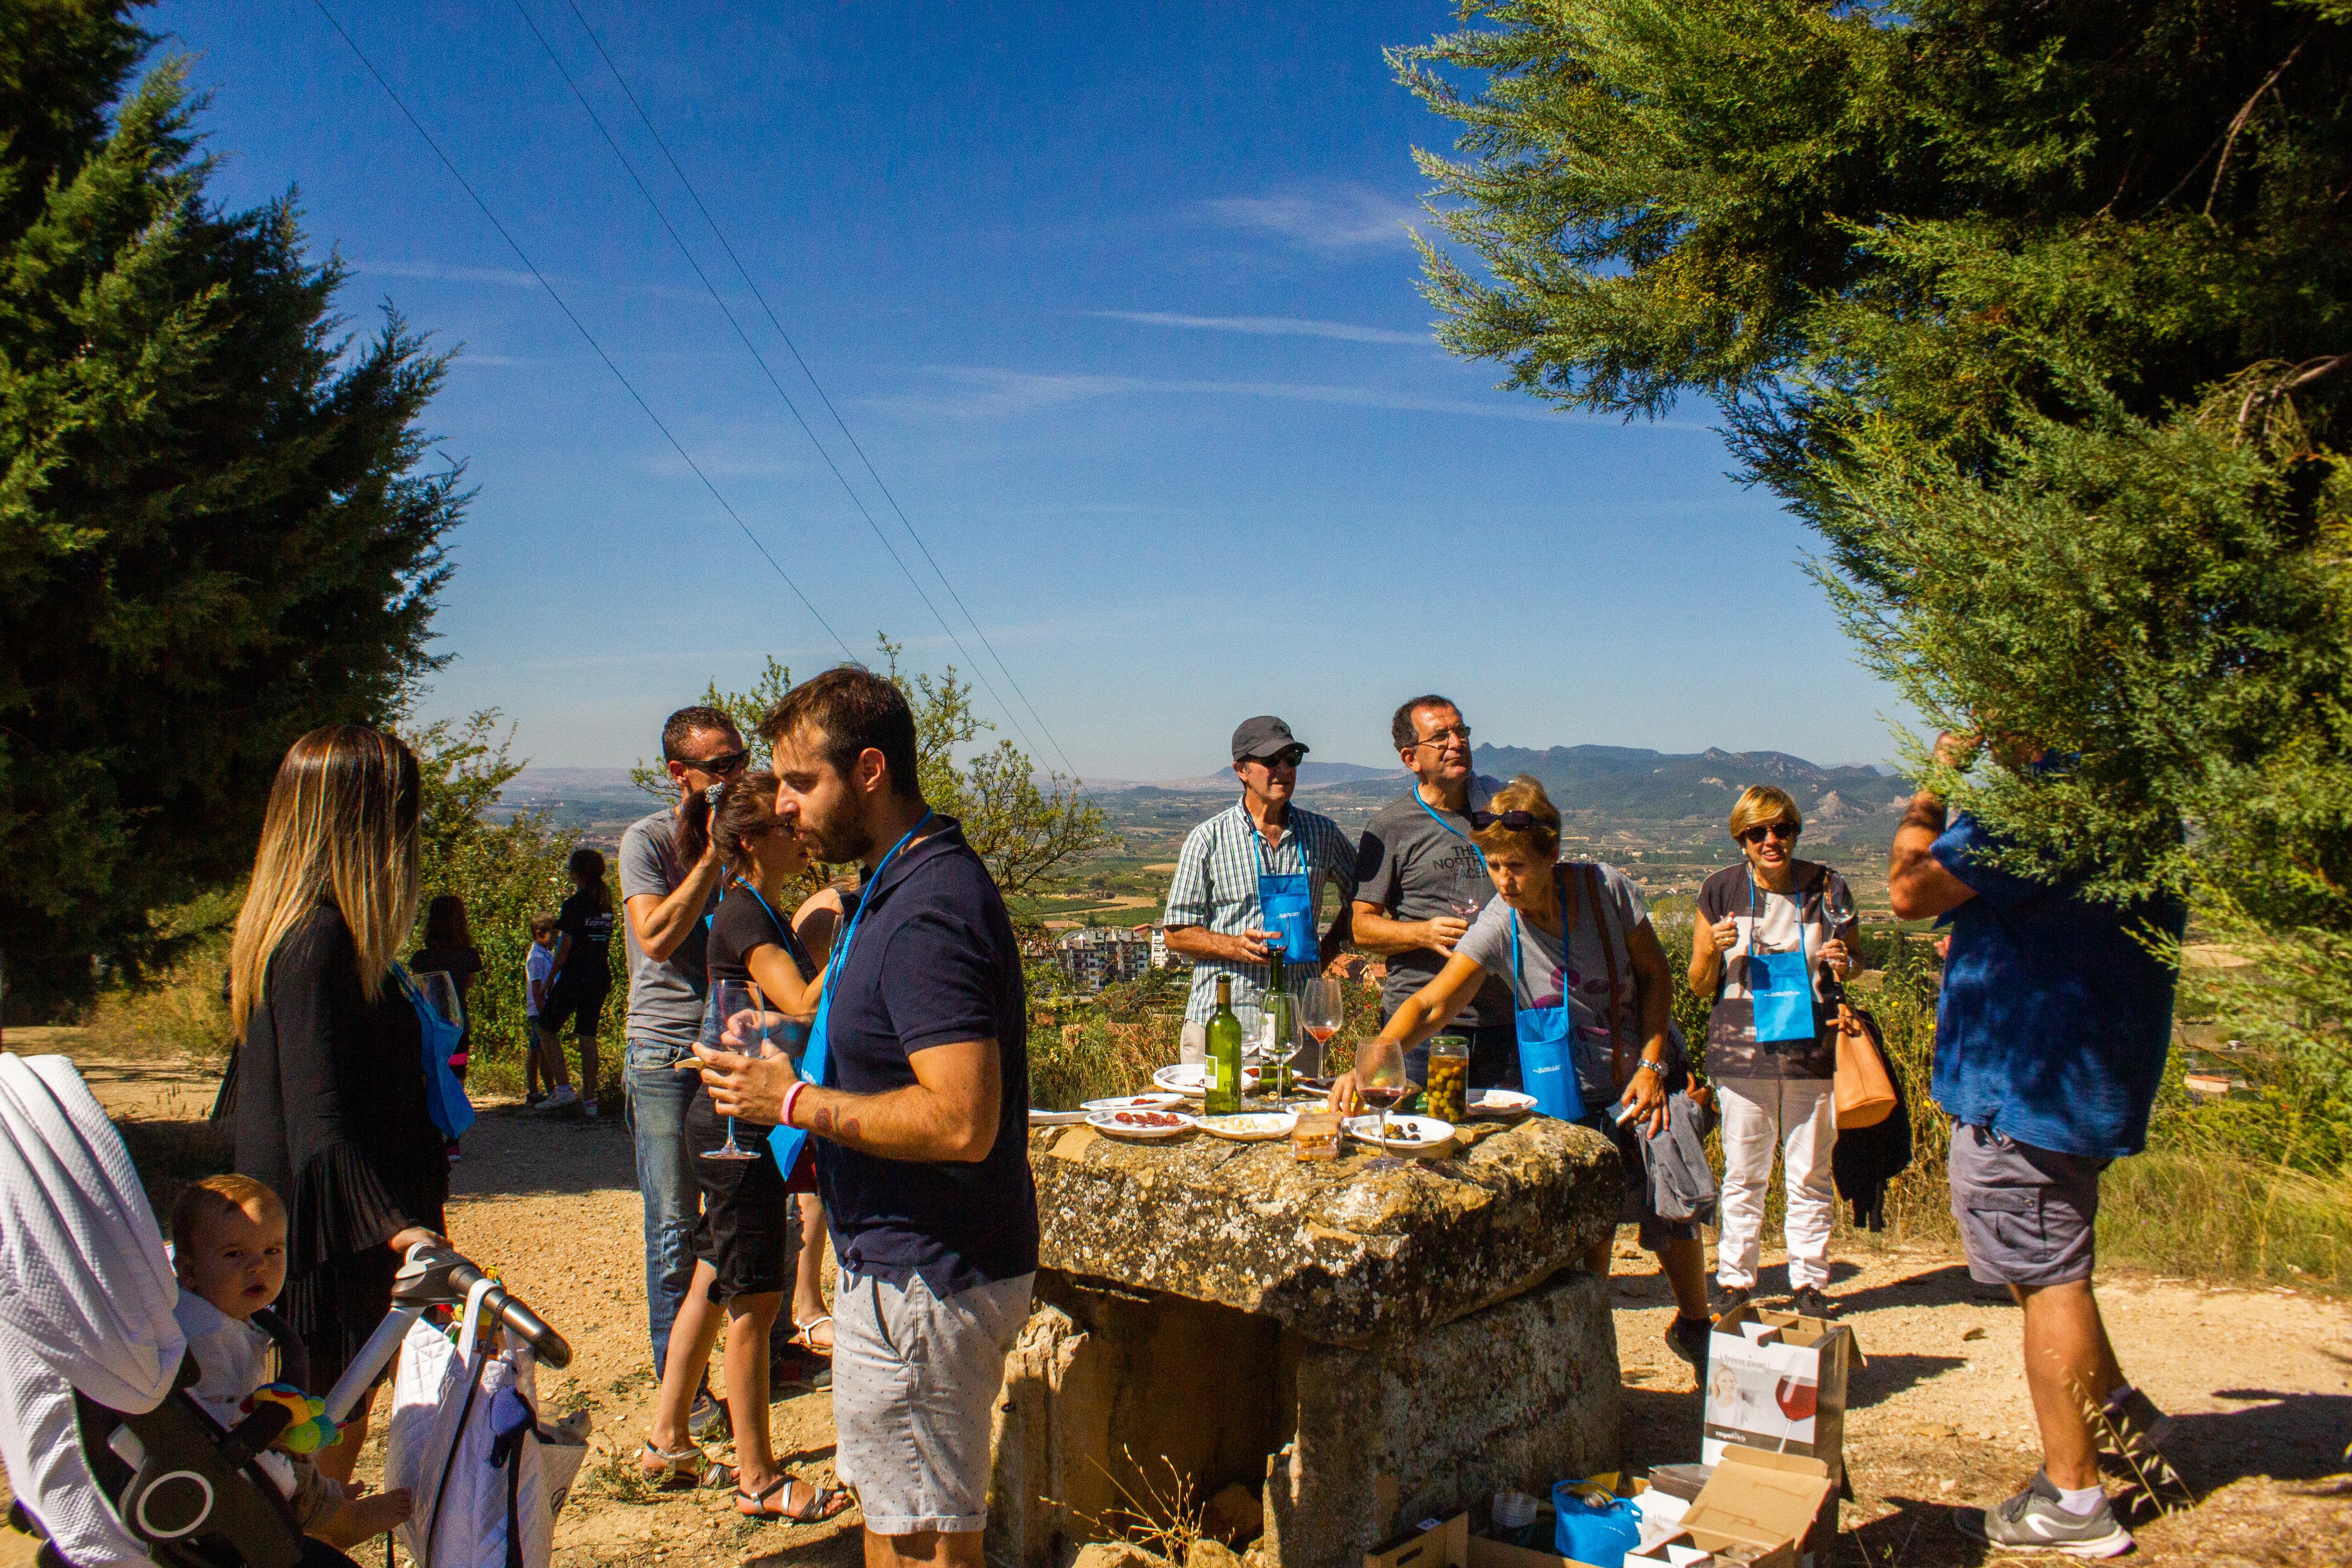 Un grupo de gente en una quedada al aire libre, bebiendo vino, comiendo y pasándoselo bien entre viñedos